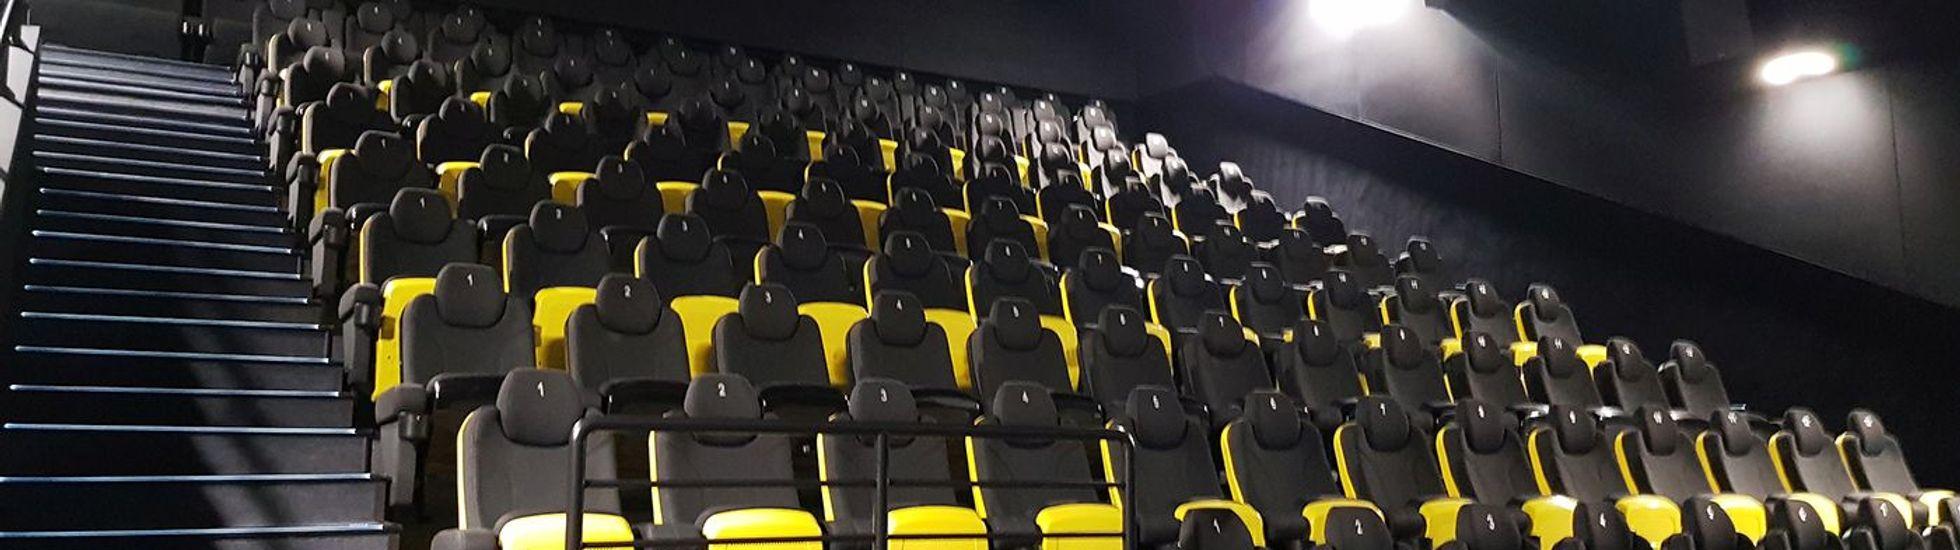 [wielkopolskie] Większe kino w Galerii Nad Jeziorem w Koninie już otwarte